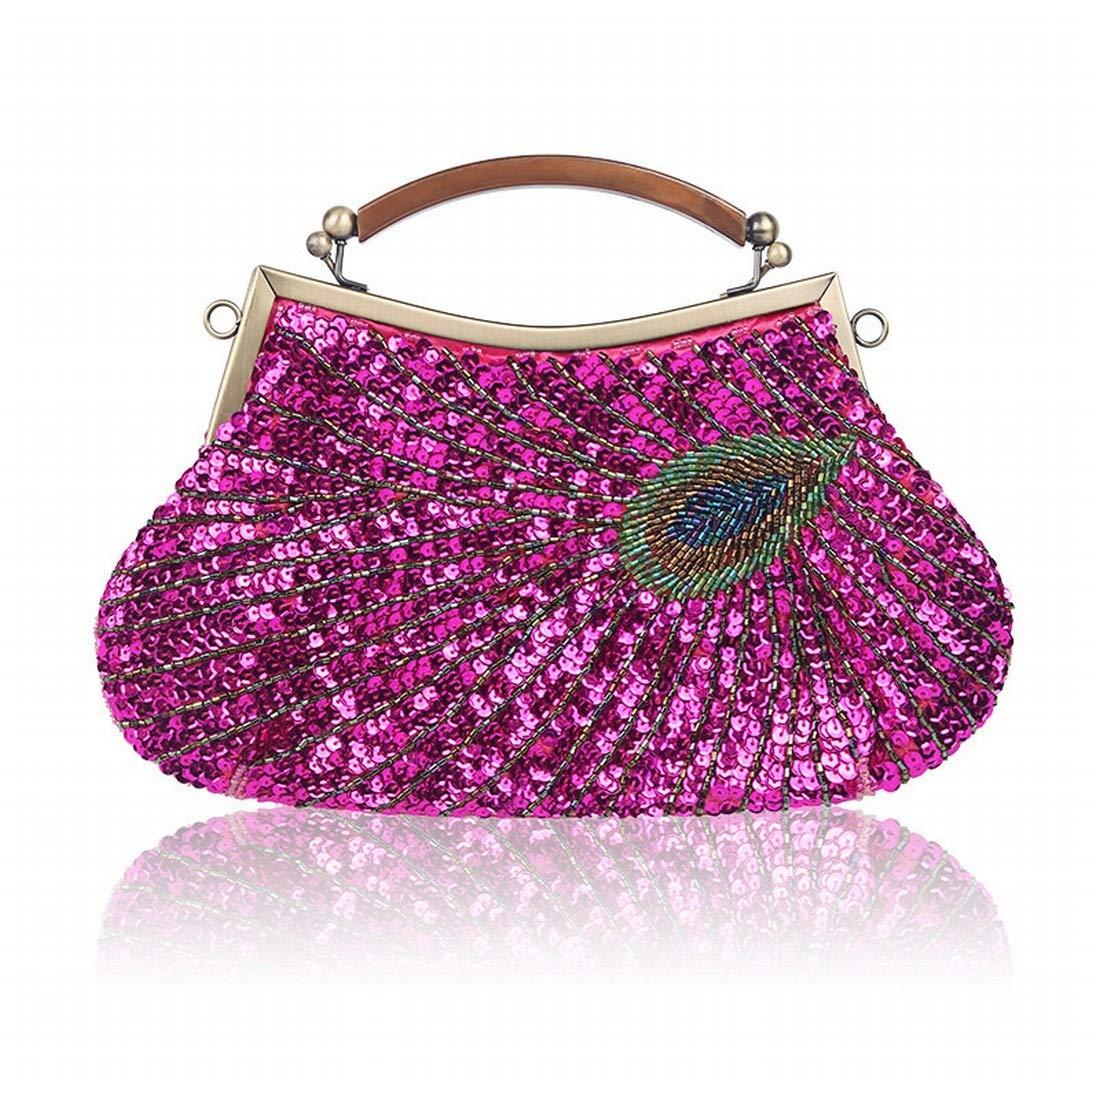 Mkulxina Frauen Handtaschen Abendtaschen Hochzeitsgesellschaft Kupplungen Bag (Farbe (Farbe (Farbe   Rosy) B07Q6VZ3RK Clutches Am wirtschaftlichsten efbf1a